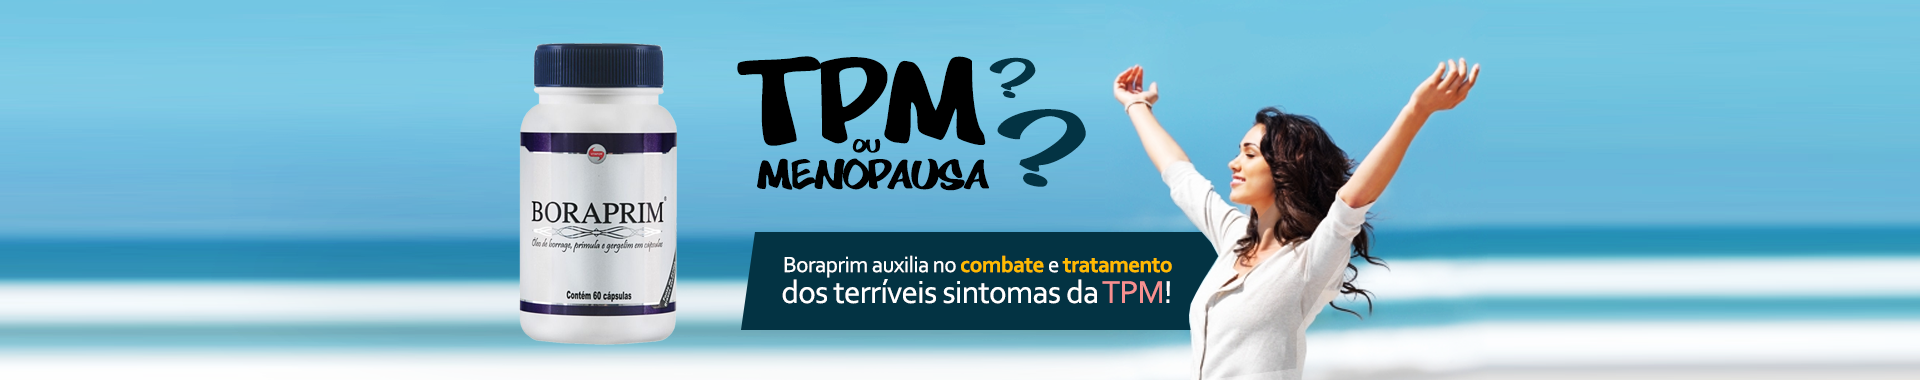 TPM ou Menopausa